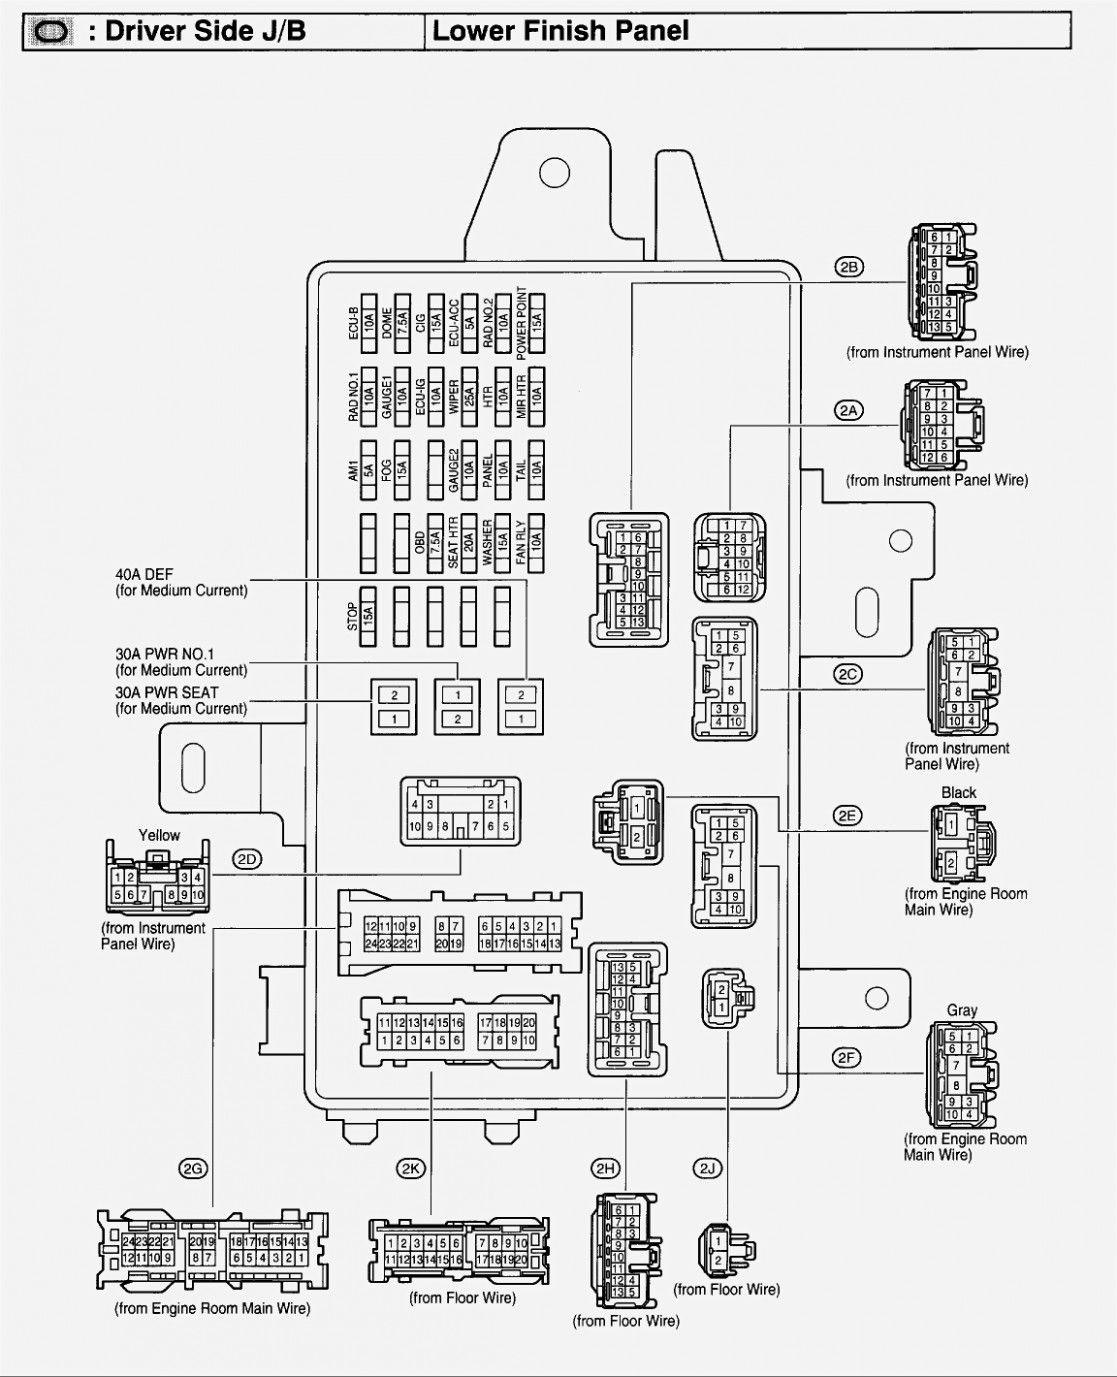 Lt8 Engine Diagram Explained Di